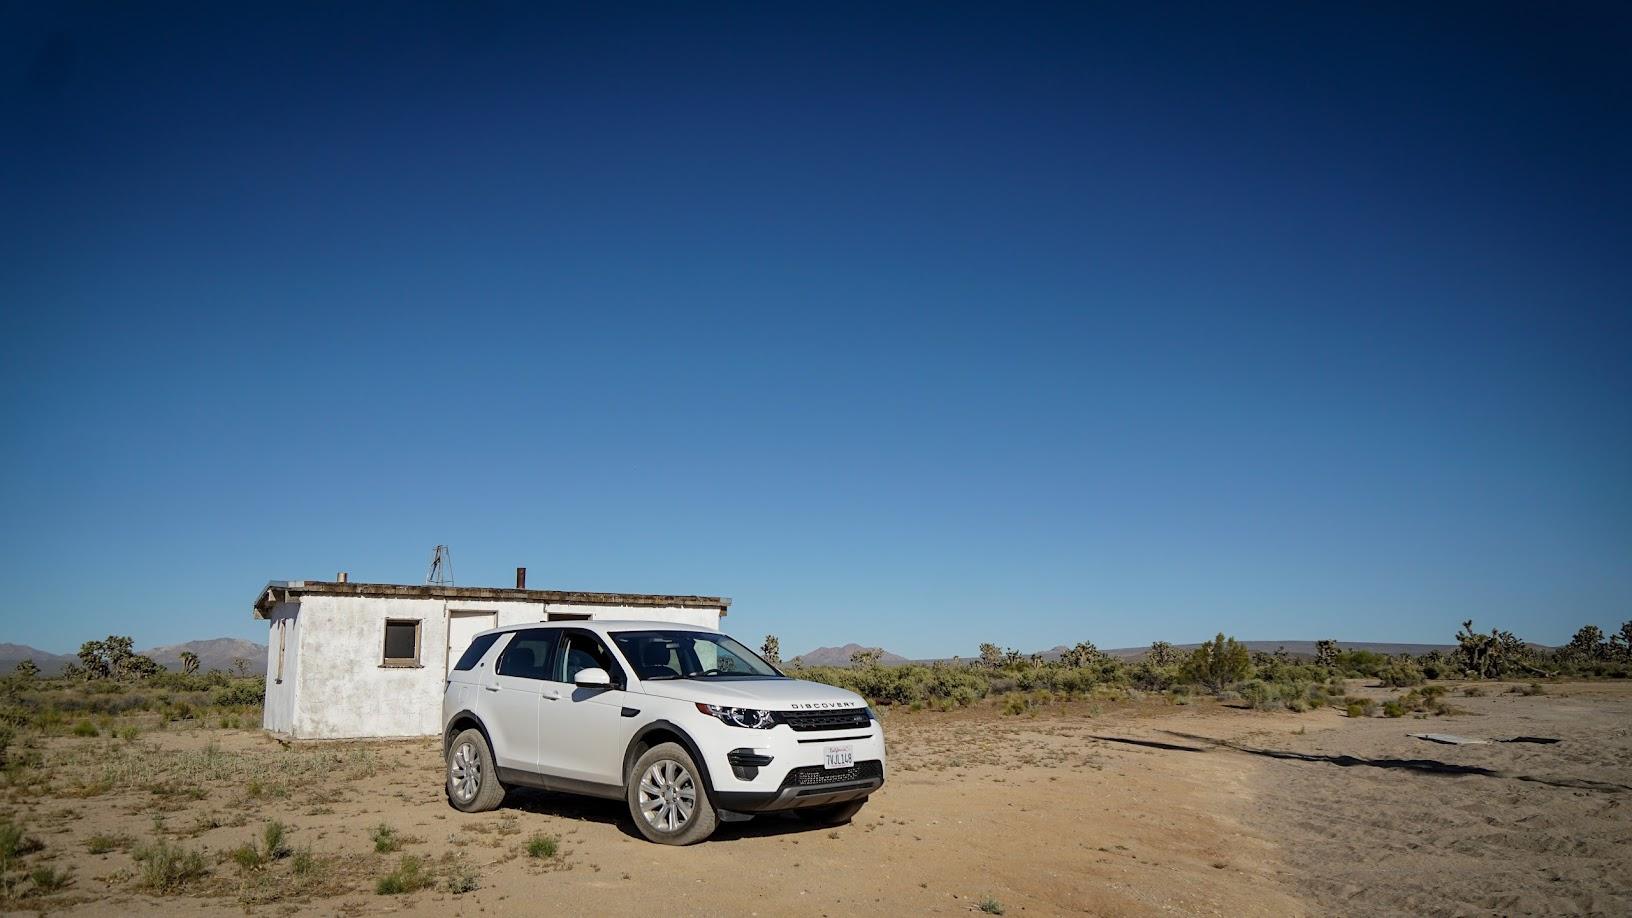 Mojave Desert Land Rover